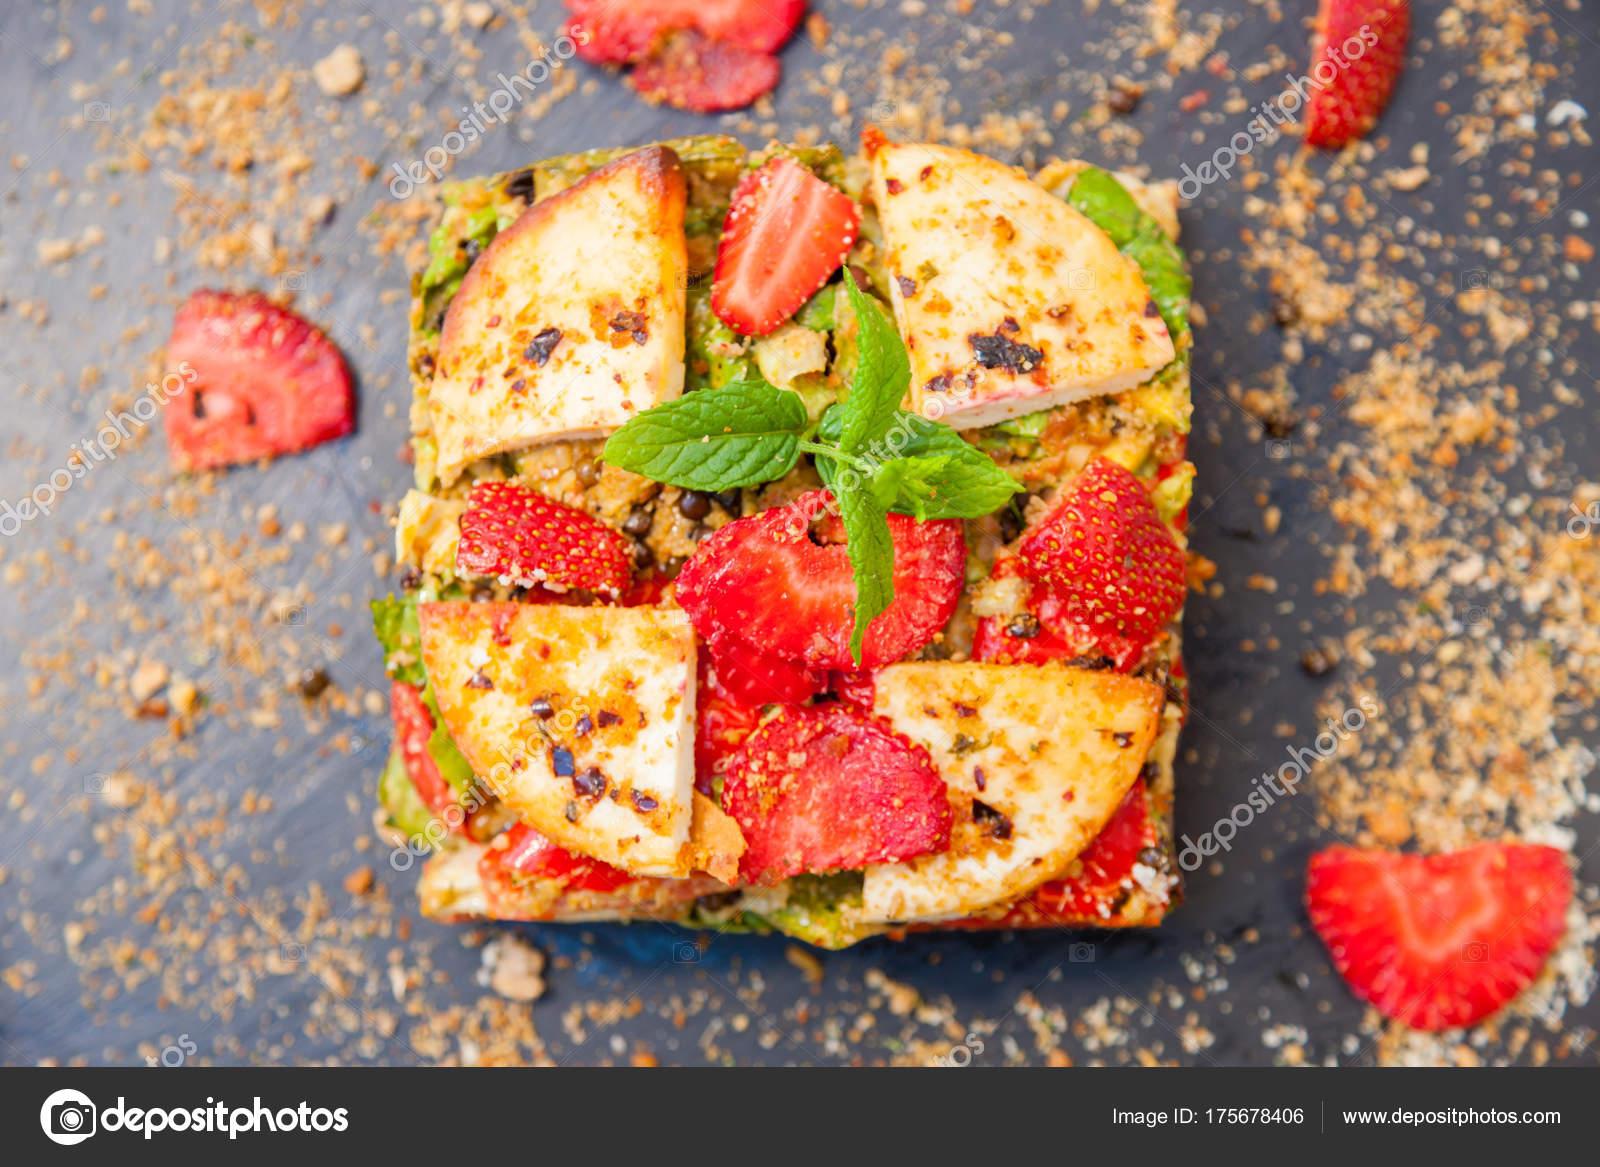 Gourmet Vegetal Pastel Hermoso Decorado Servido Una Placa